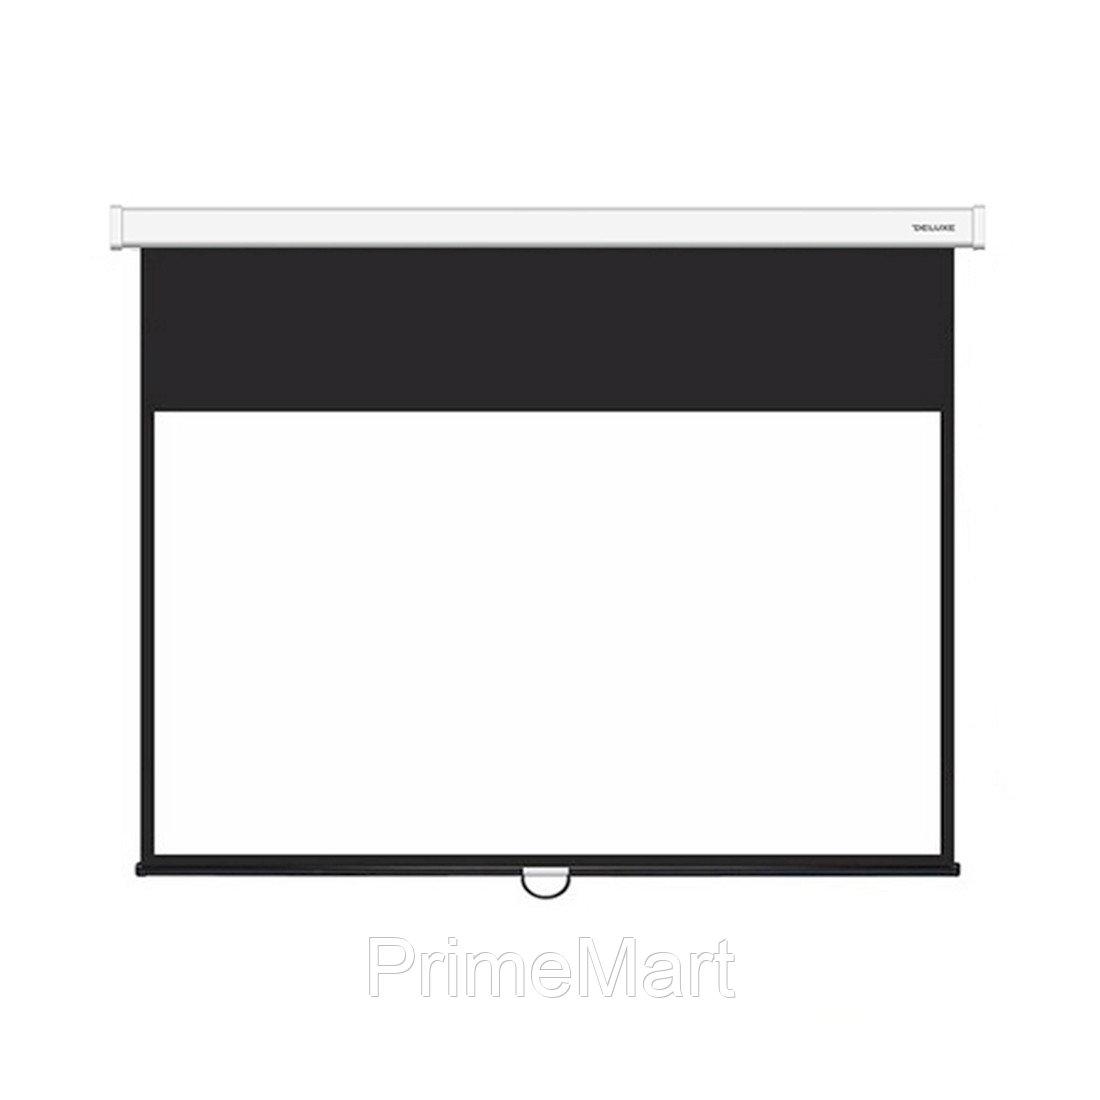 Экран механический, Deluxe, DLS-M213x, Рабочая поверхность 205х205 см., 1:1, Matt white, Чёрный